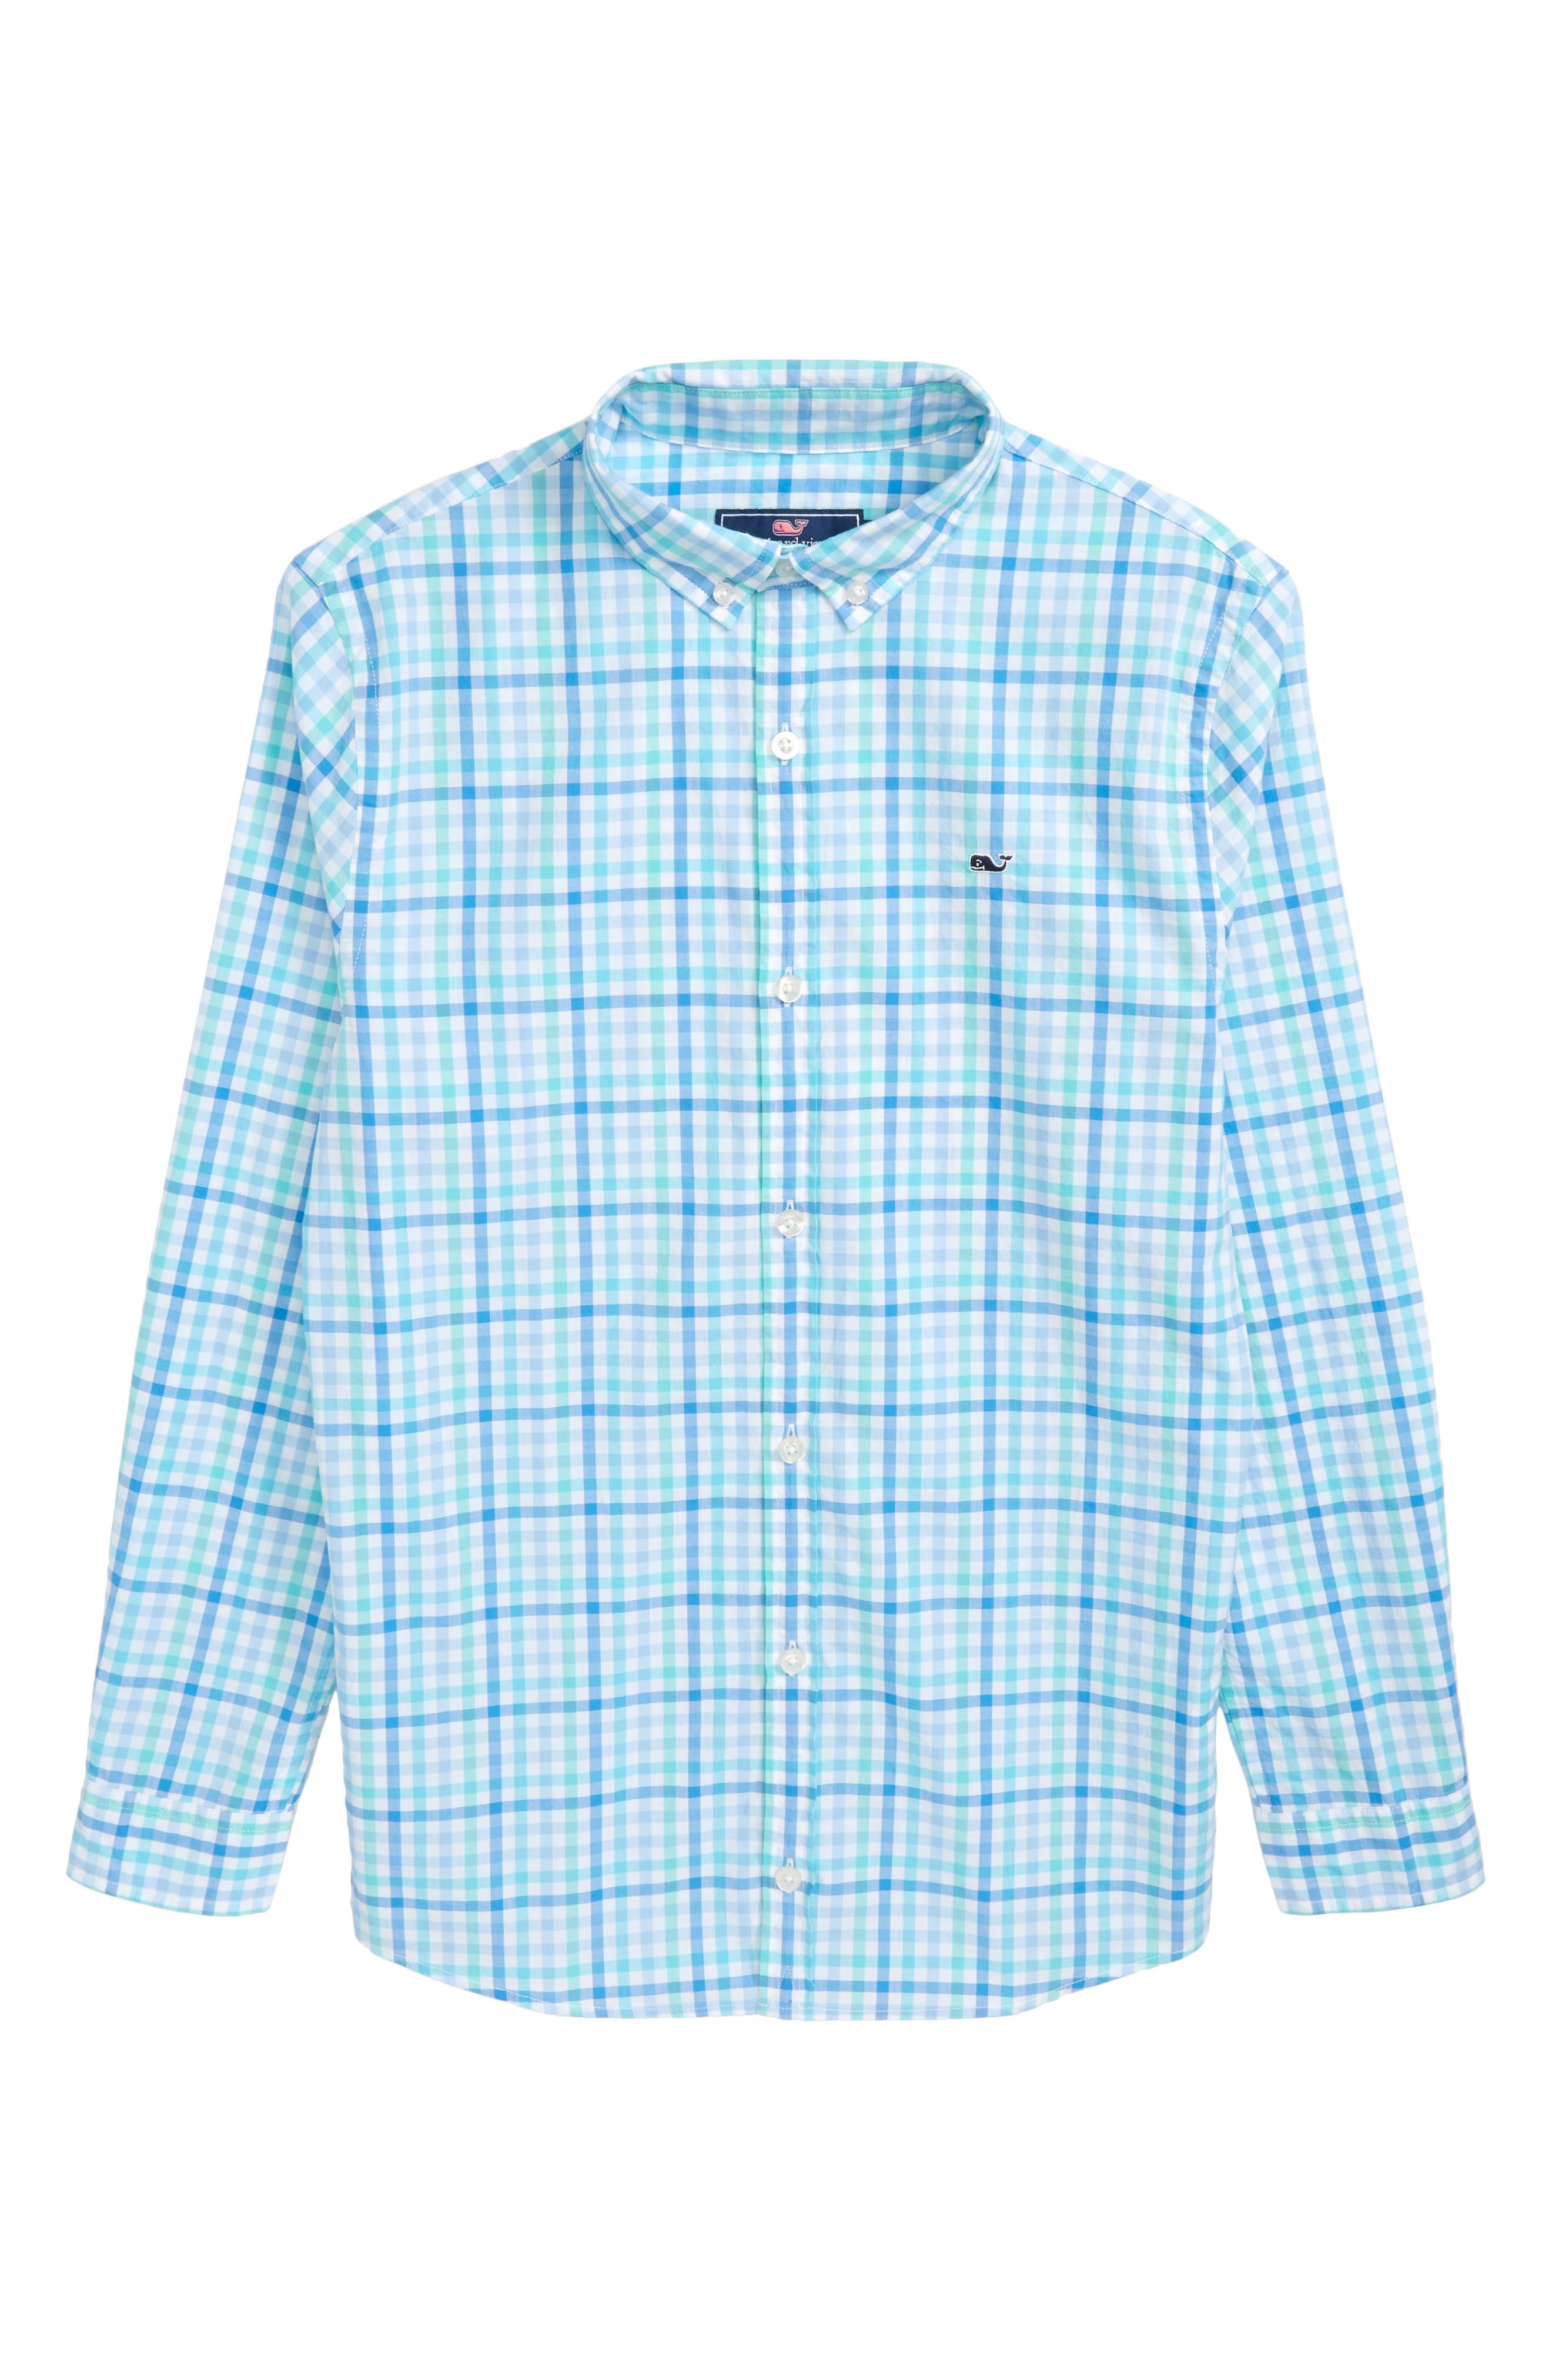 Guana Cay Gingham Check Woven Shirt,                             Main thumbnail 1, color,                             440